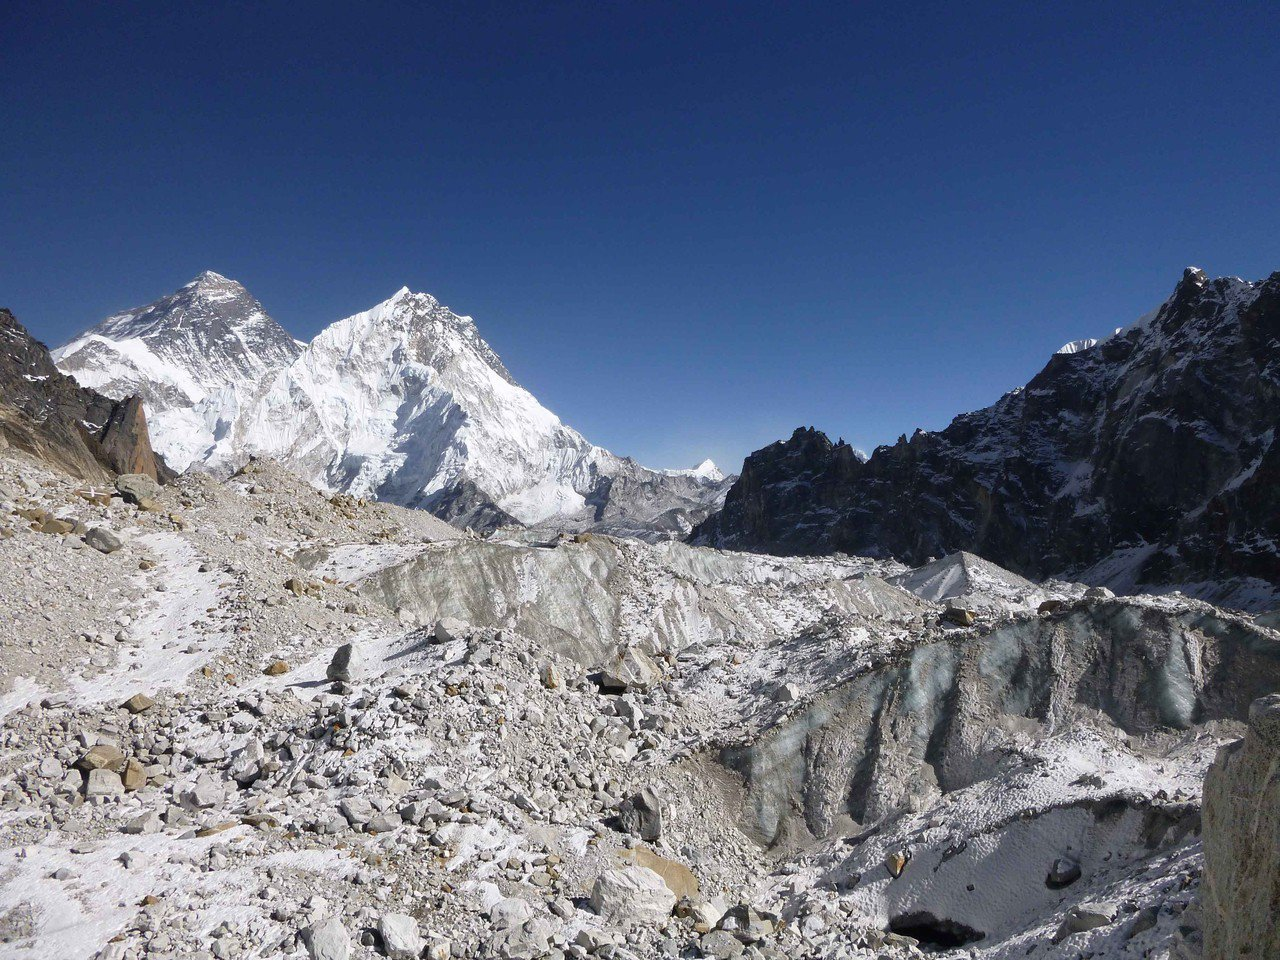 最新研究顯示,喜馬拉雅山脈冰河本世紀的融化速度加快一倍,逾四分之一的冰層在過去4...